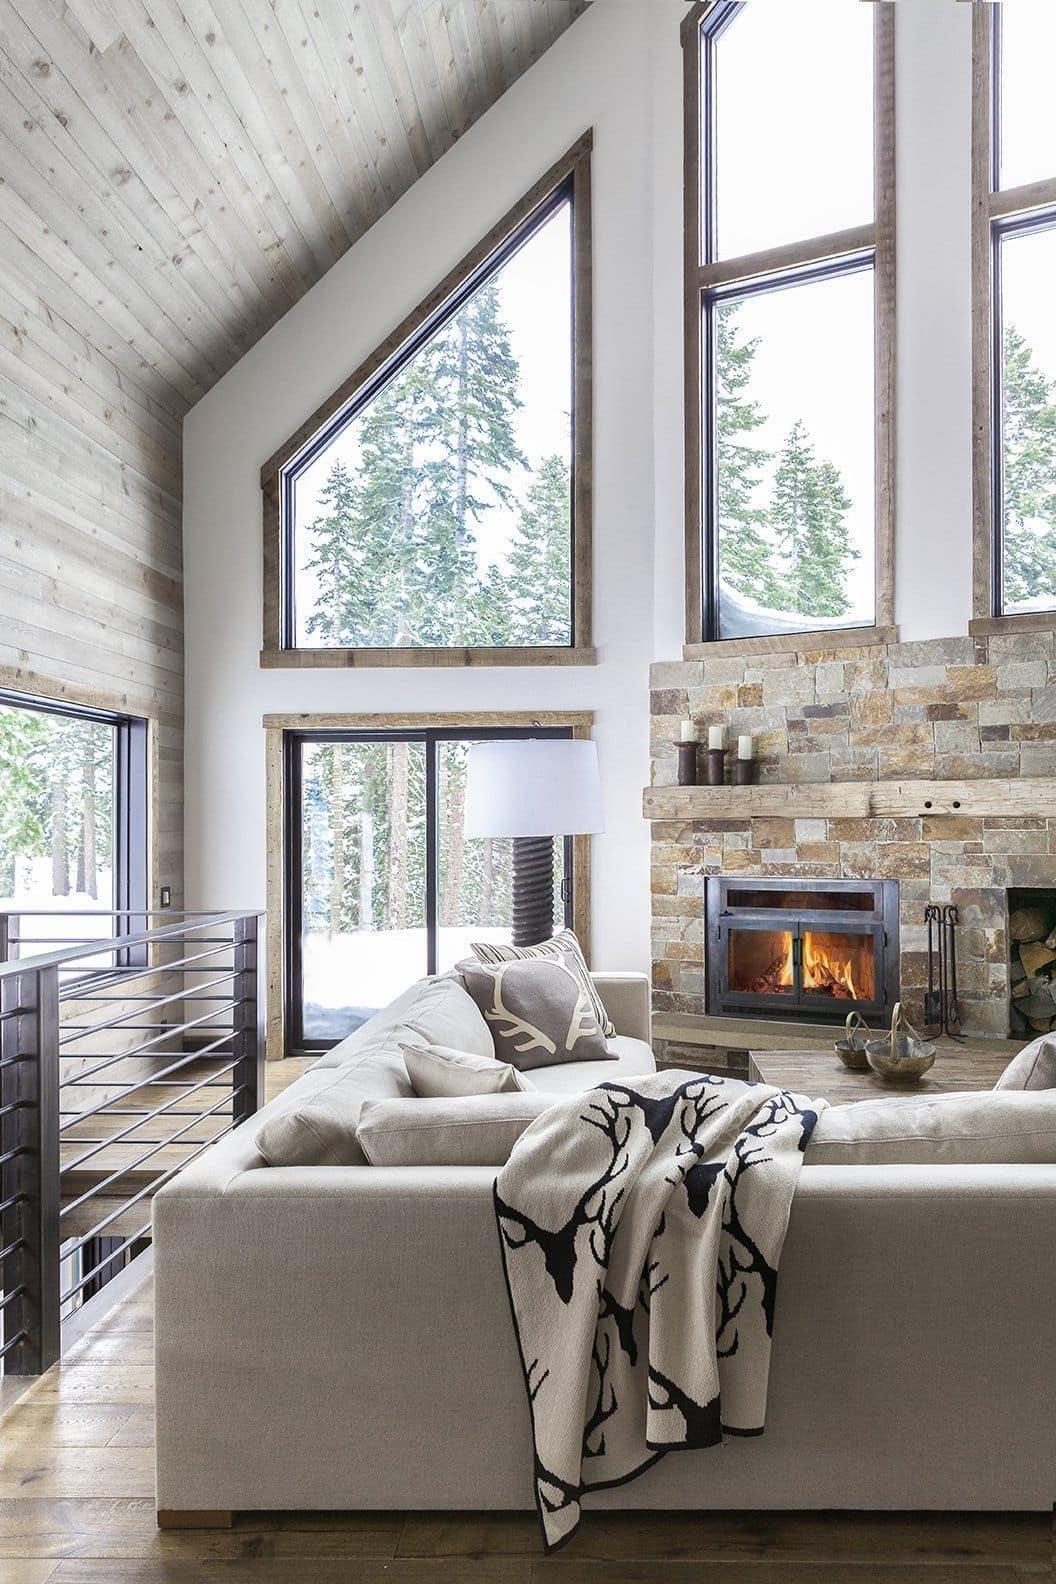 Второй свет и камин - имеет фундаментальное значение для домов скандинавского направления